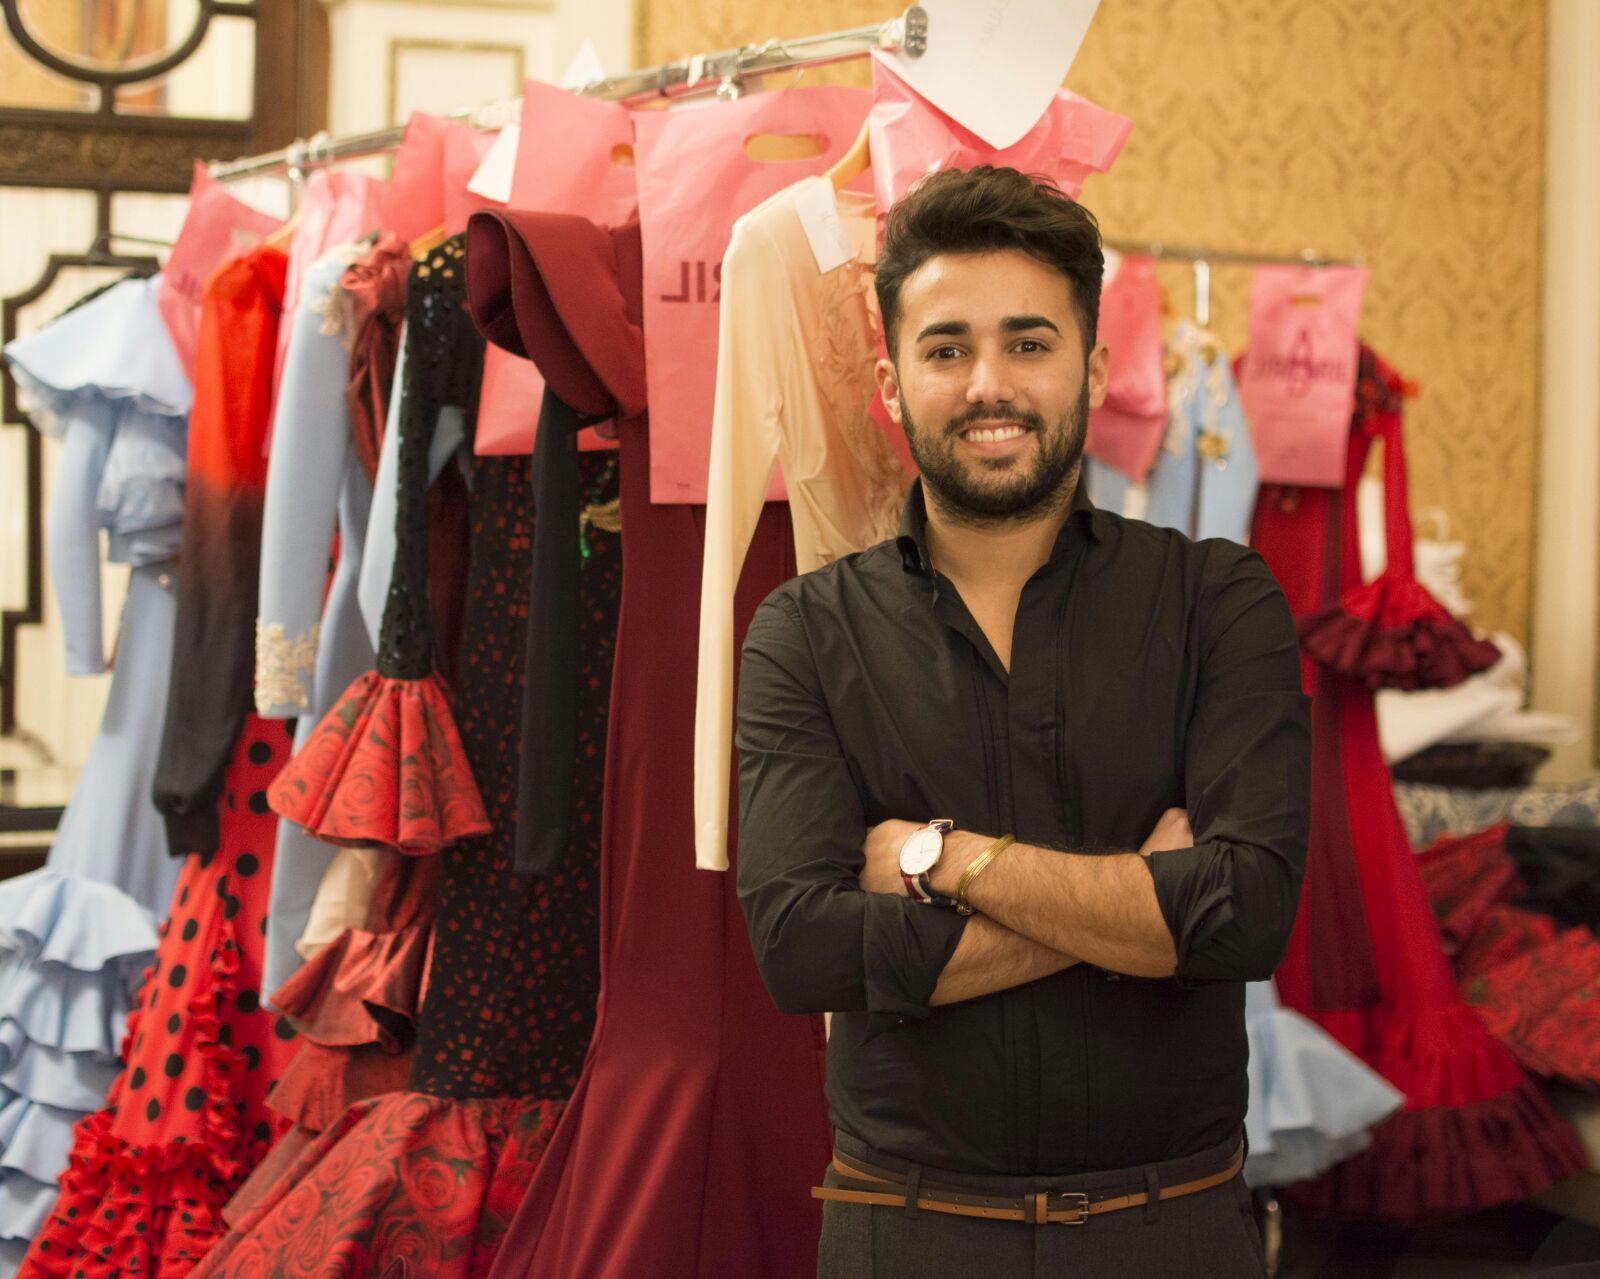 El diseñador sevillano Eloy Enamorado ante los trajes de su última colección de moda flamenca / Aníbal González